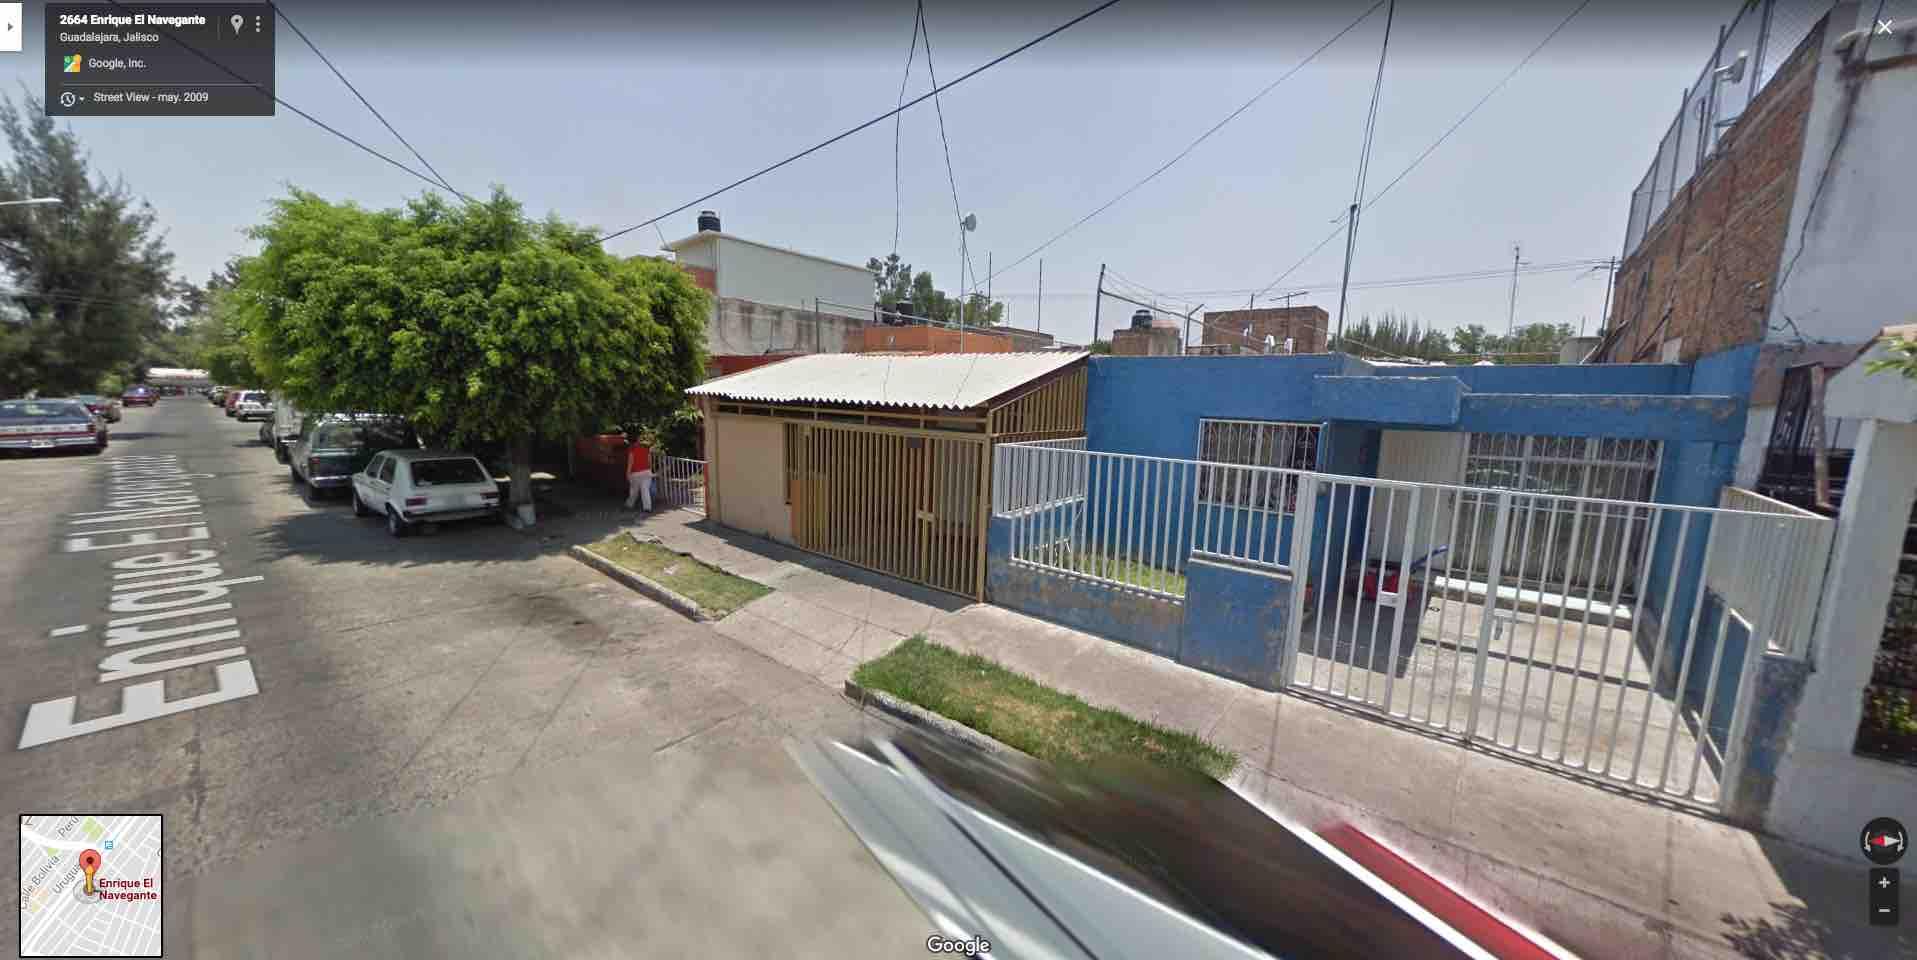 Fracc. Colon Industrial, Enrique El Navegante 2665, Guadalajara, Jal. C.P. 44930